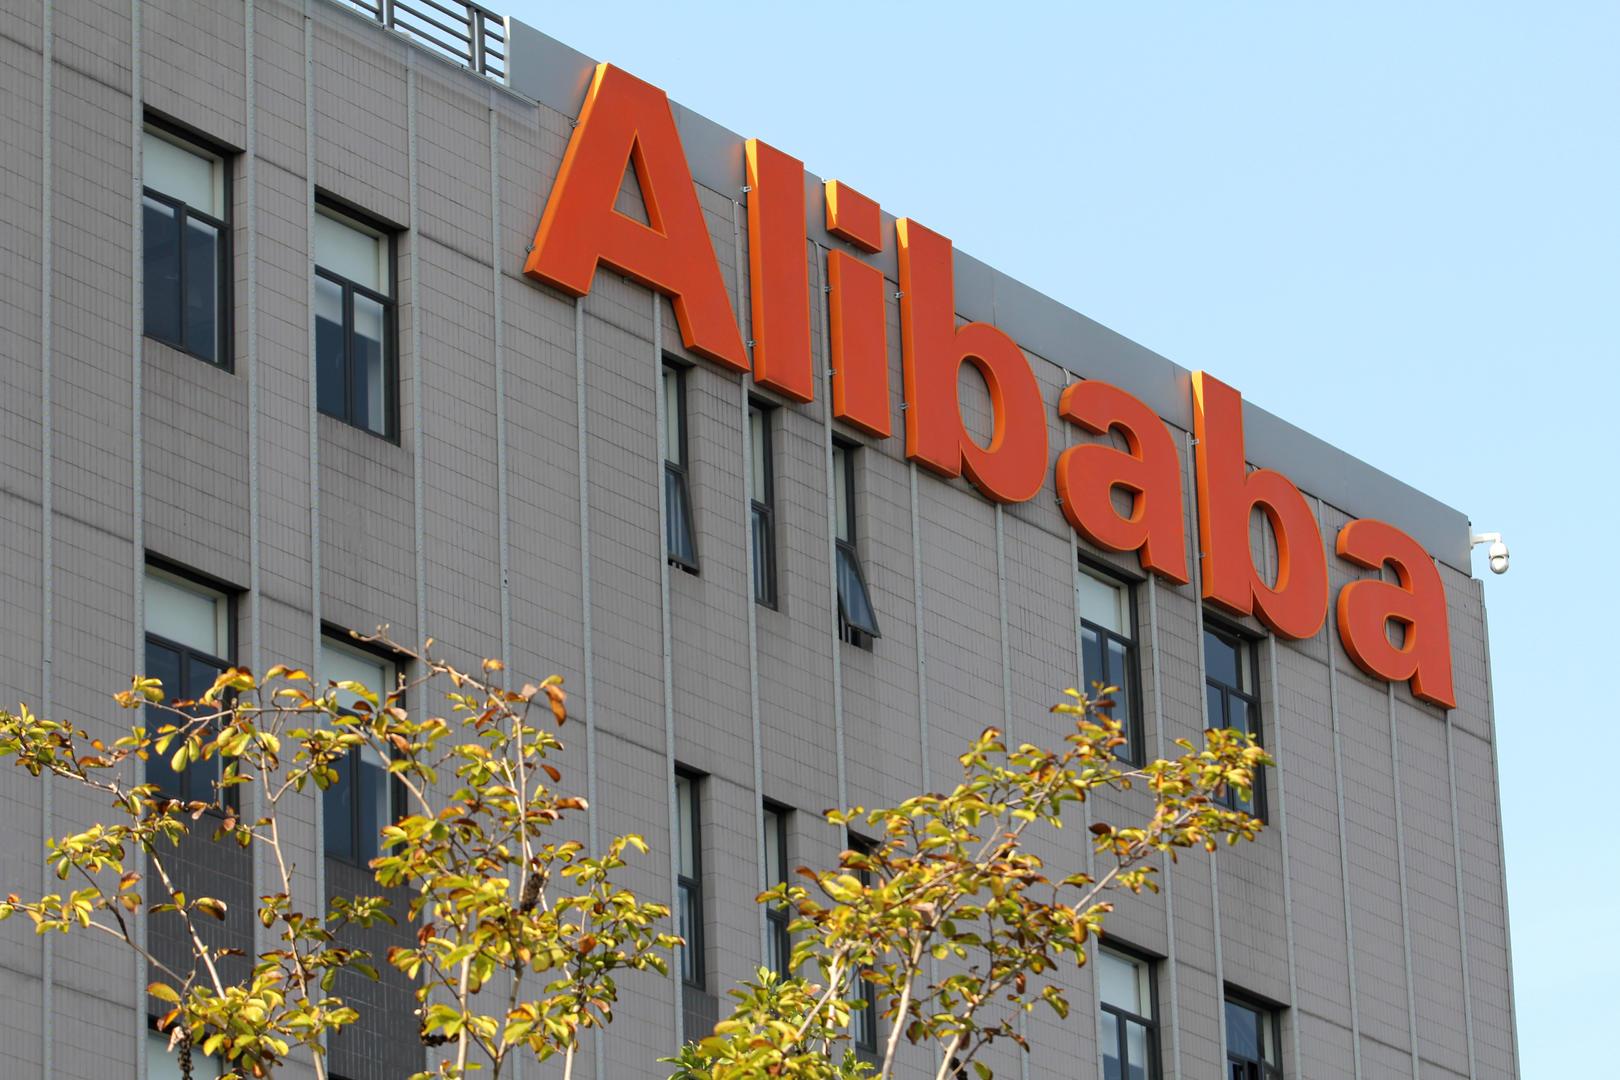 阿里巴巴今日宣布收到蚂蚁金服33%股份 第1张